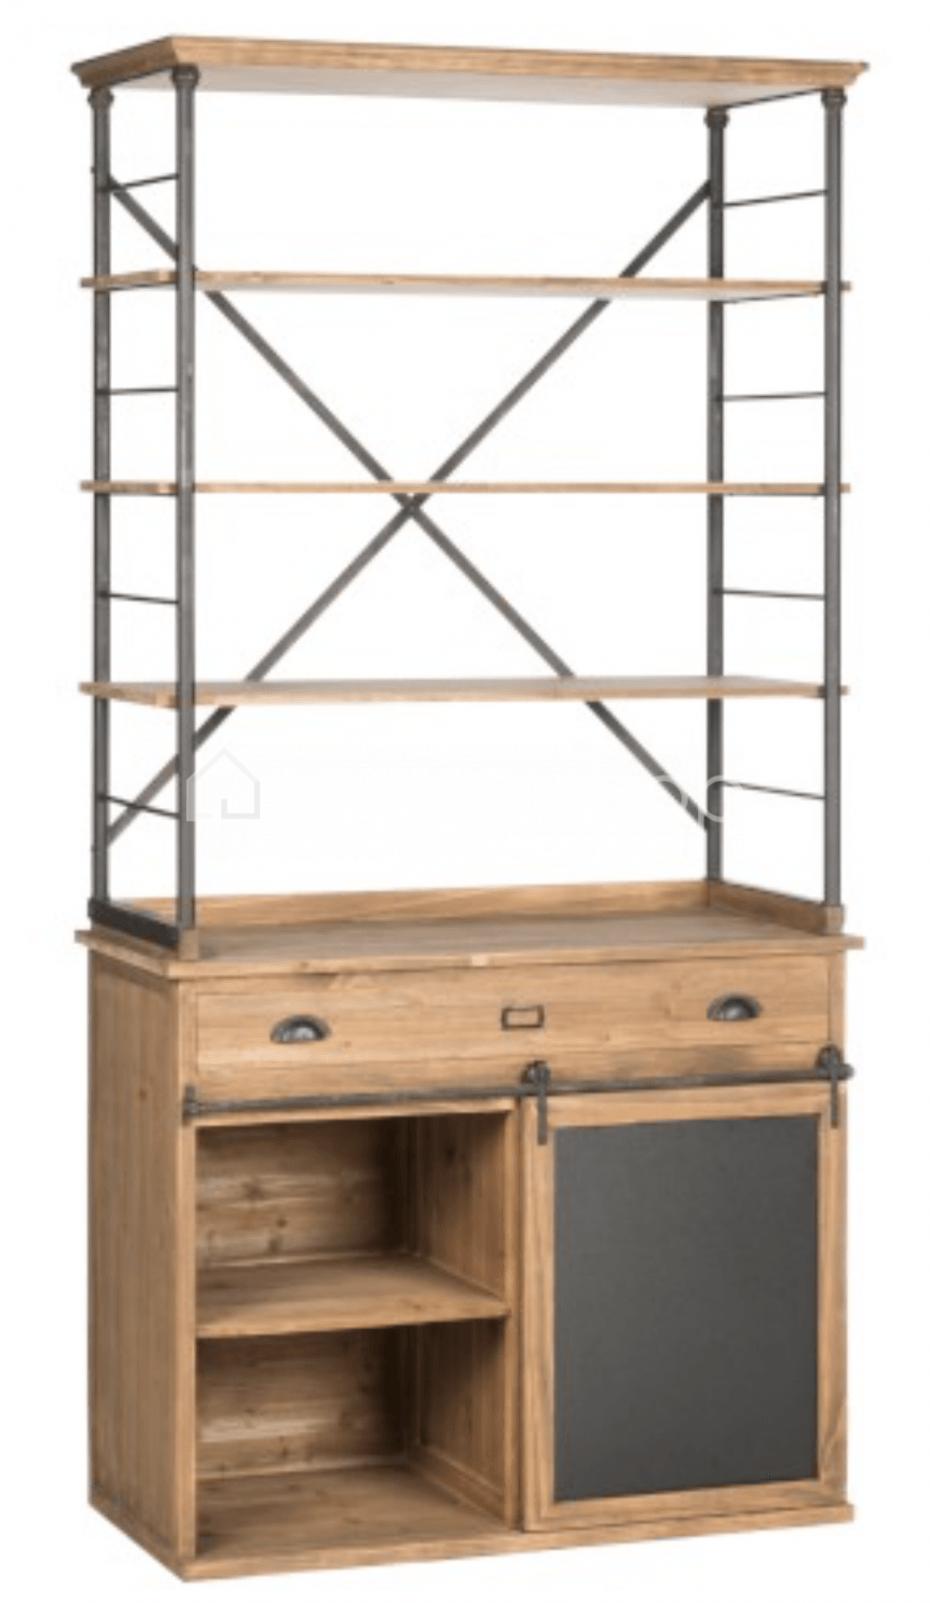 Meuble De Rangement Etagere Ouvert Loft Armoire Rack Industriel J Line Boutique En Ligne Living Shop Fr Mobilier De Salon Meuble Rangement Etageres Ouvertes